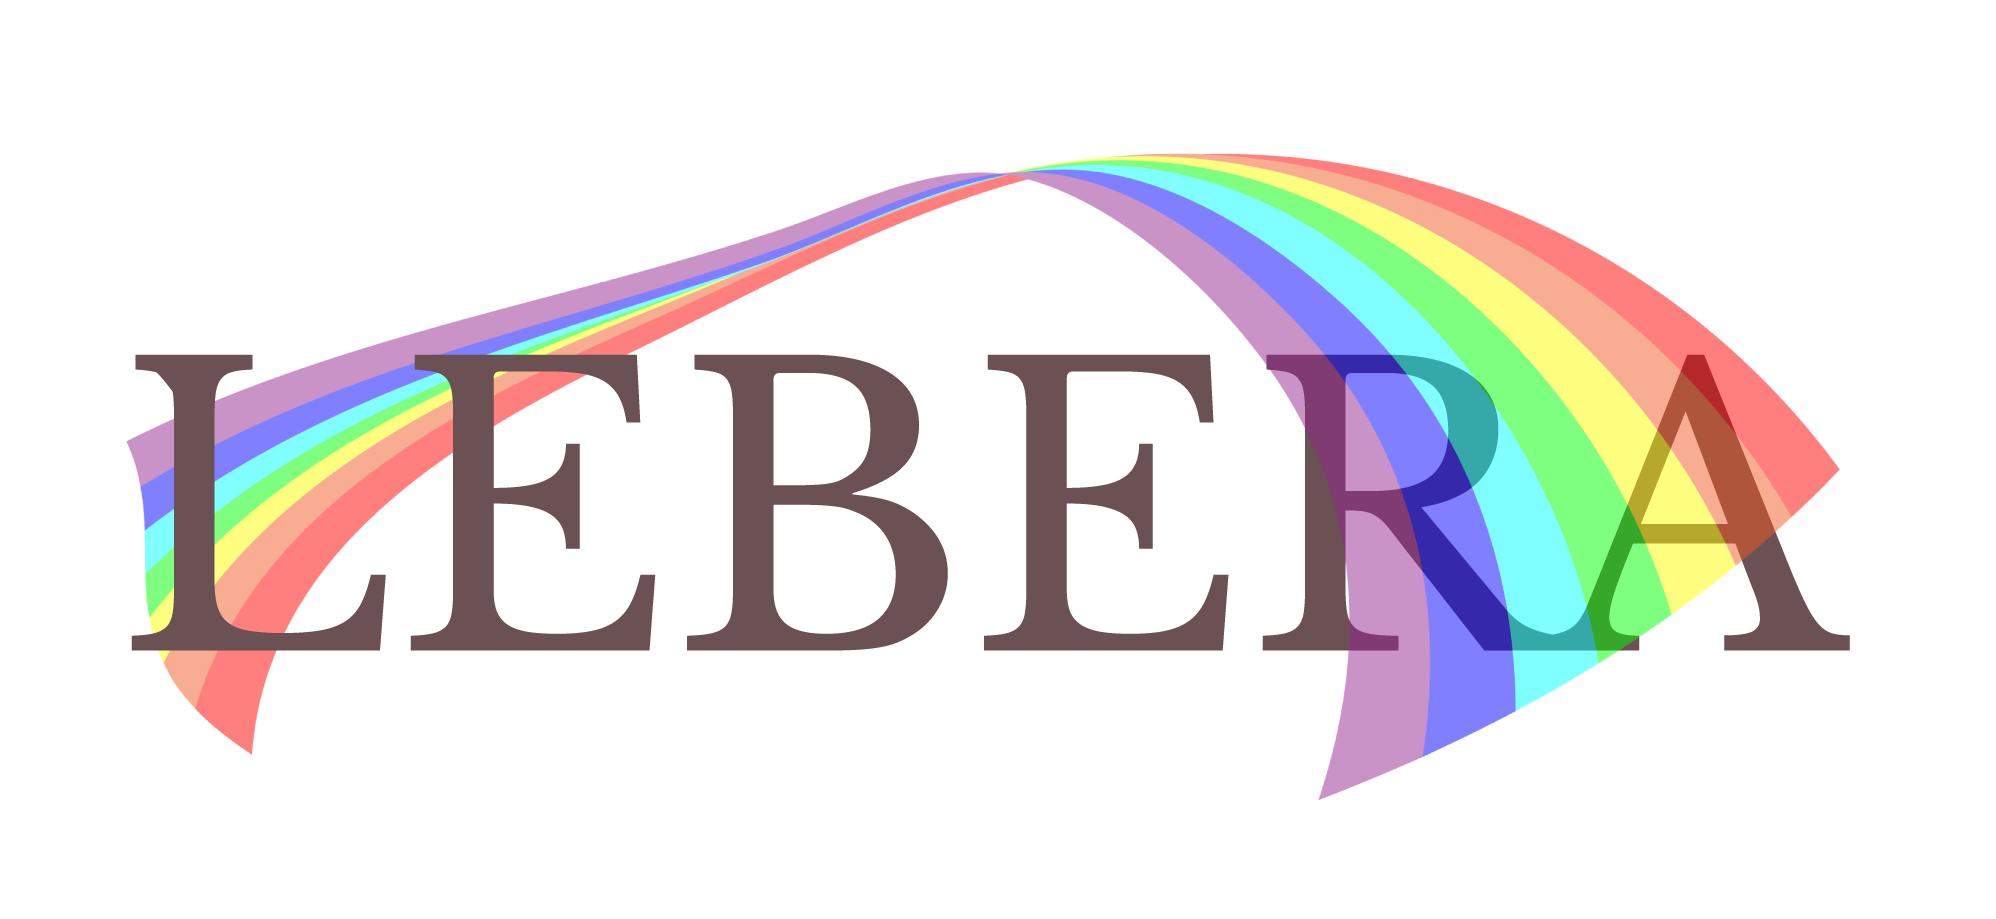 LEBERA / レベラ